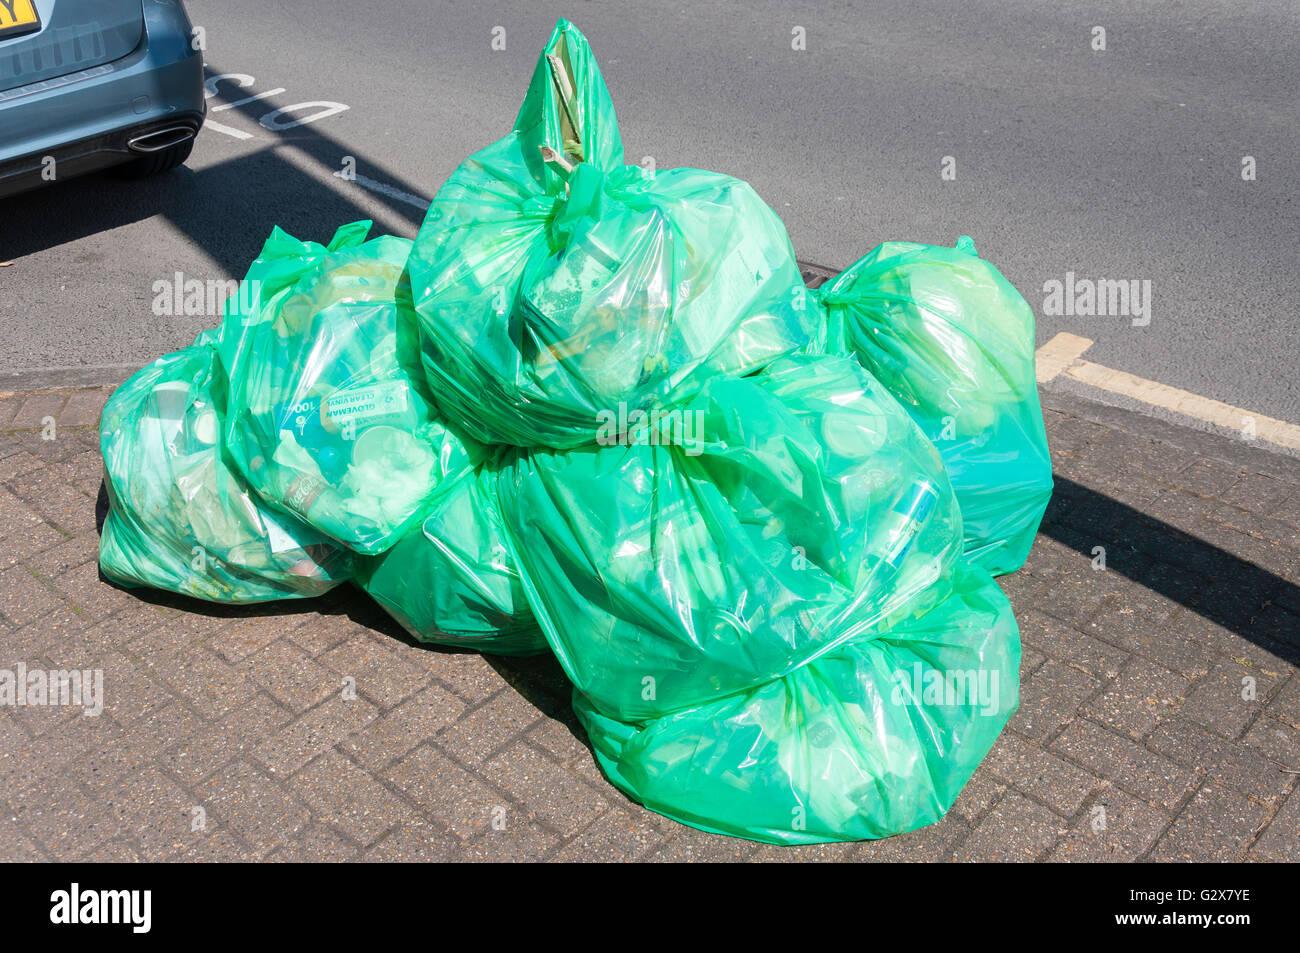 Reciclar bolsas de plástico sobre el pavimento, Church Road, Ashford, Surrey, Inglaterra, Reino Unido Imagen De Stock